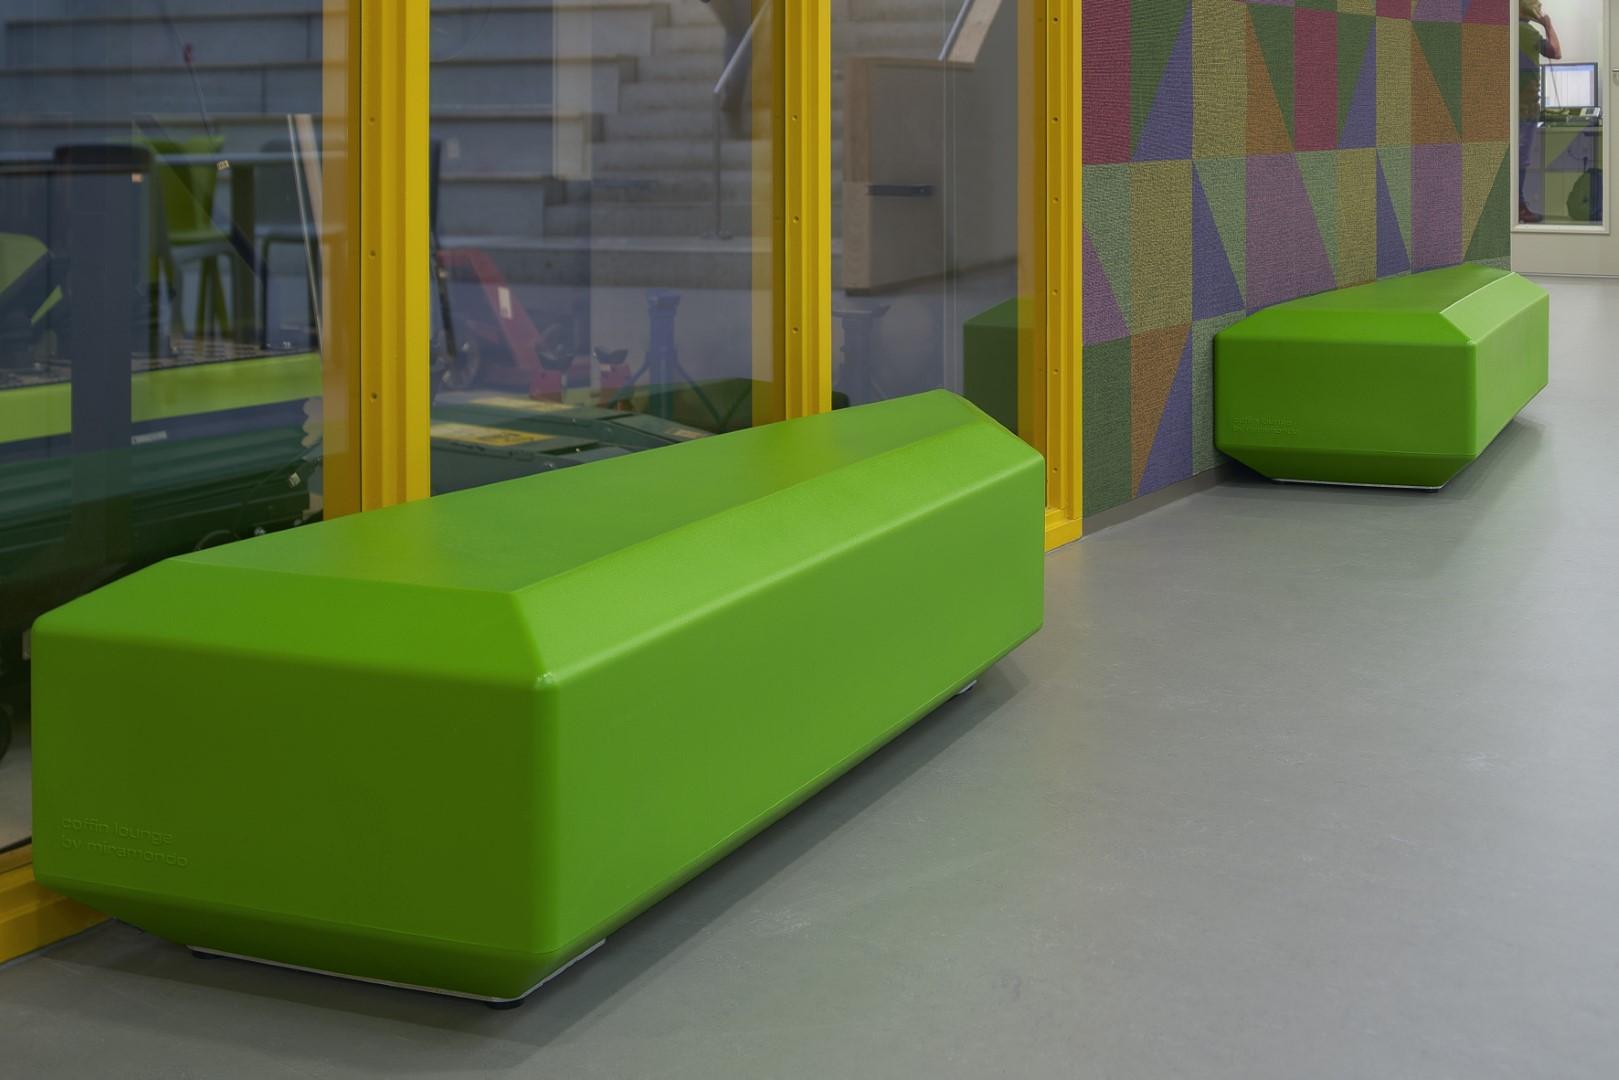 Coffin lounge banken - in de schoolgangen